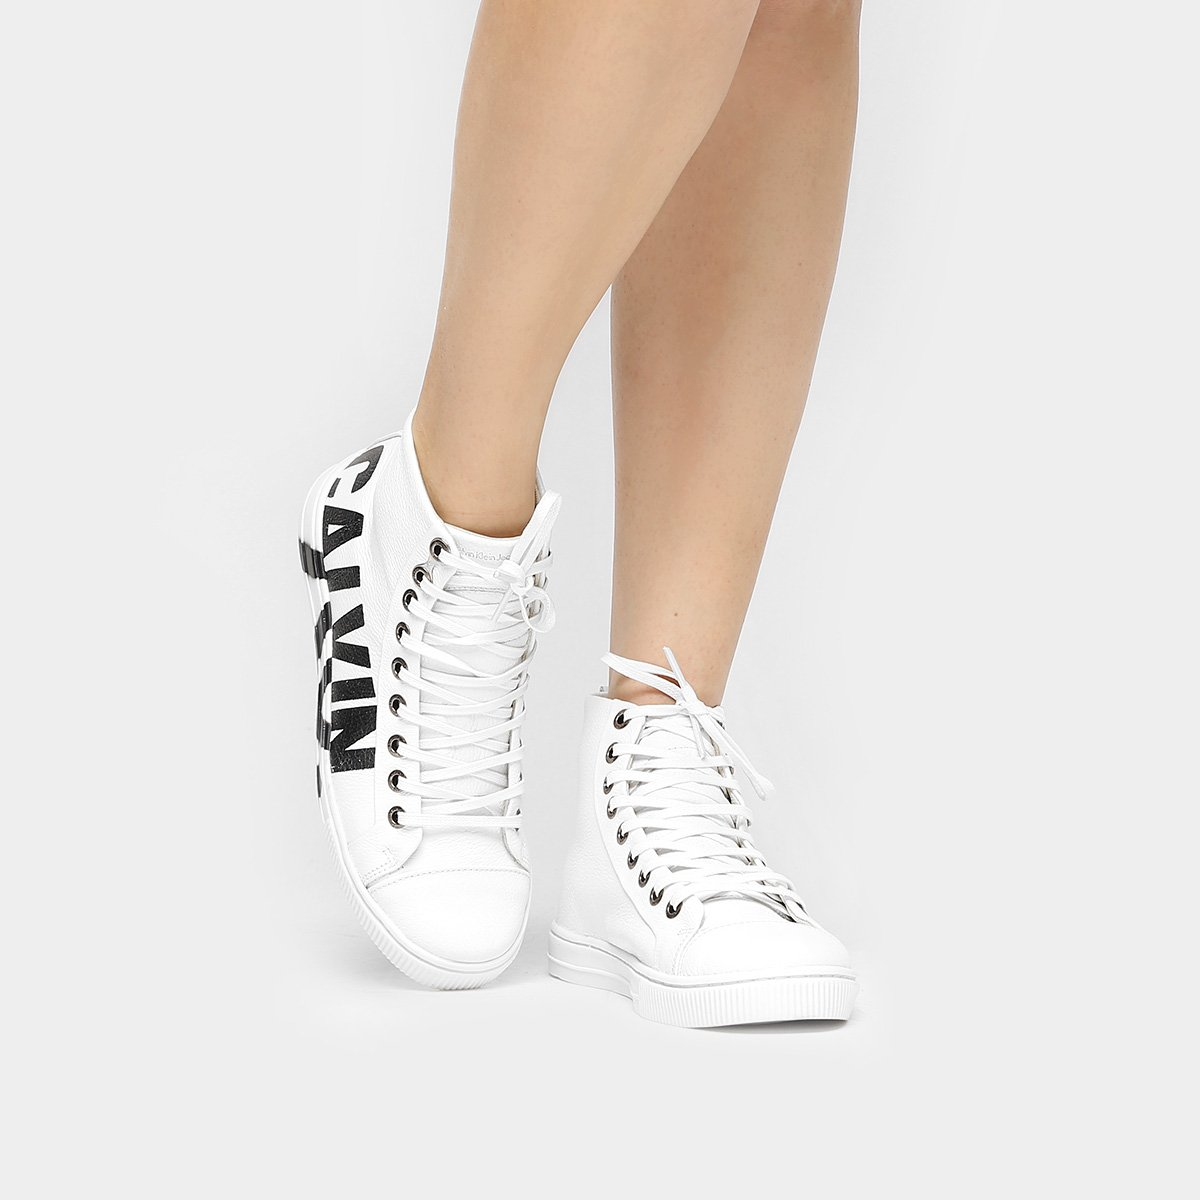 Tênis Calvin Klein Cano Alto Logo - Compre Agora   Netshoes 9749d07ed9